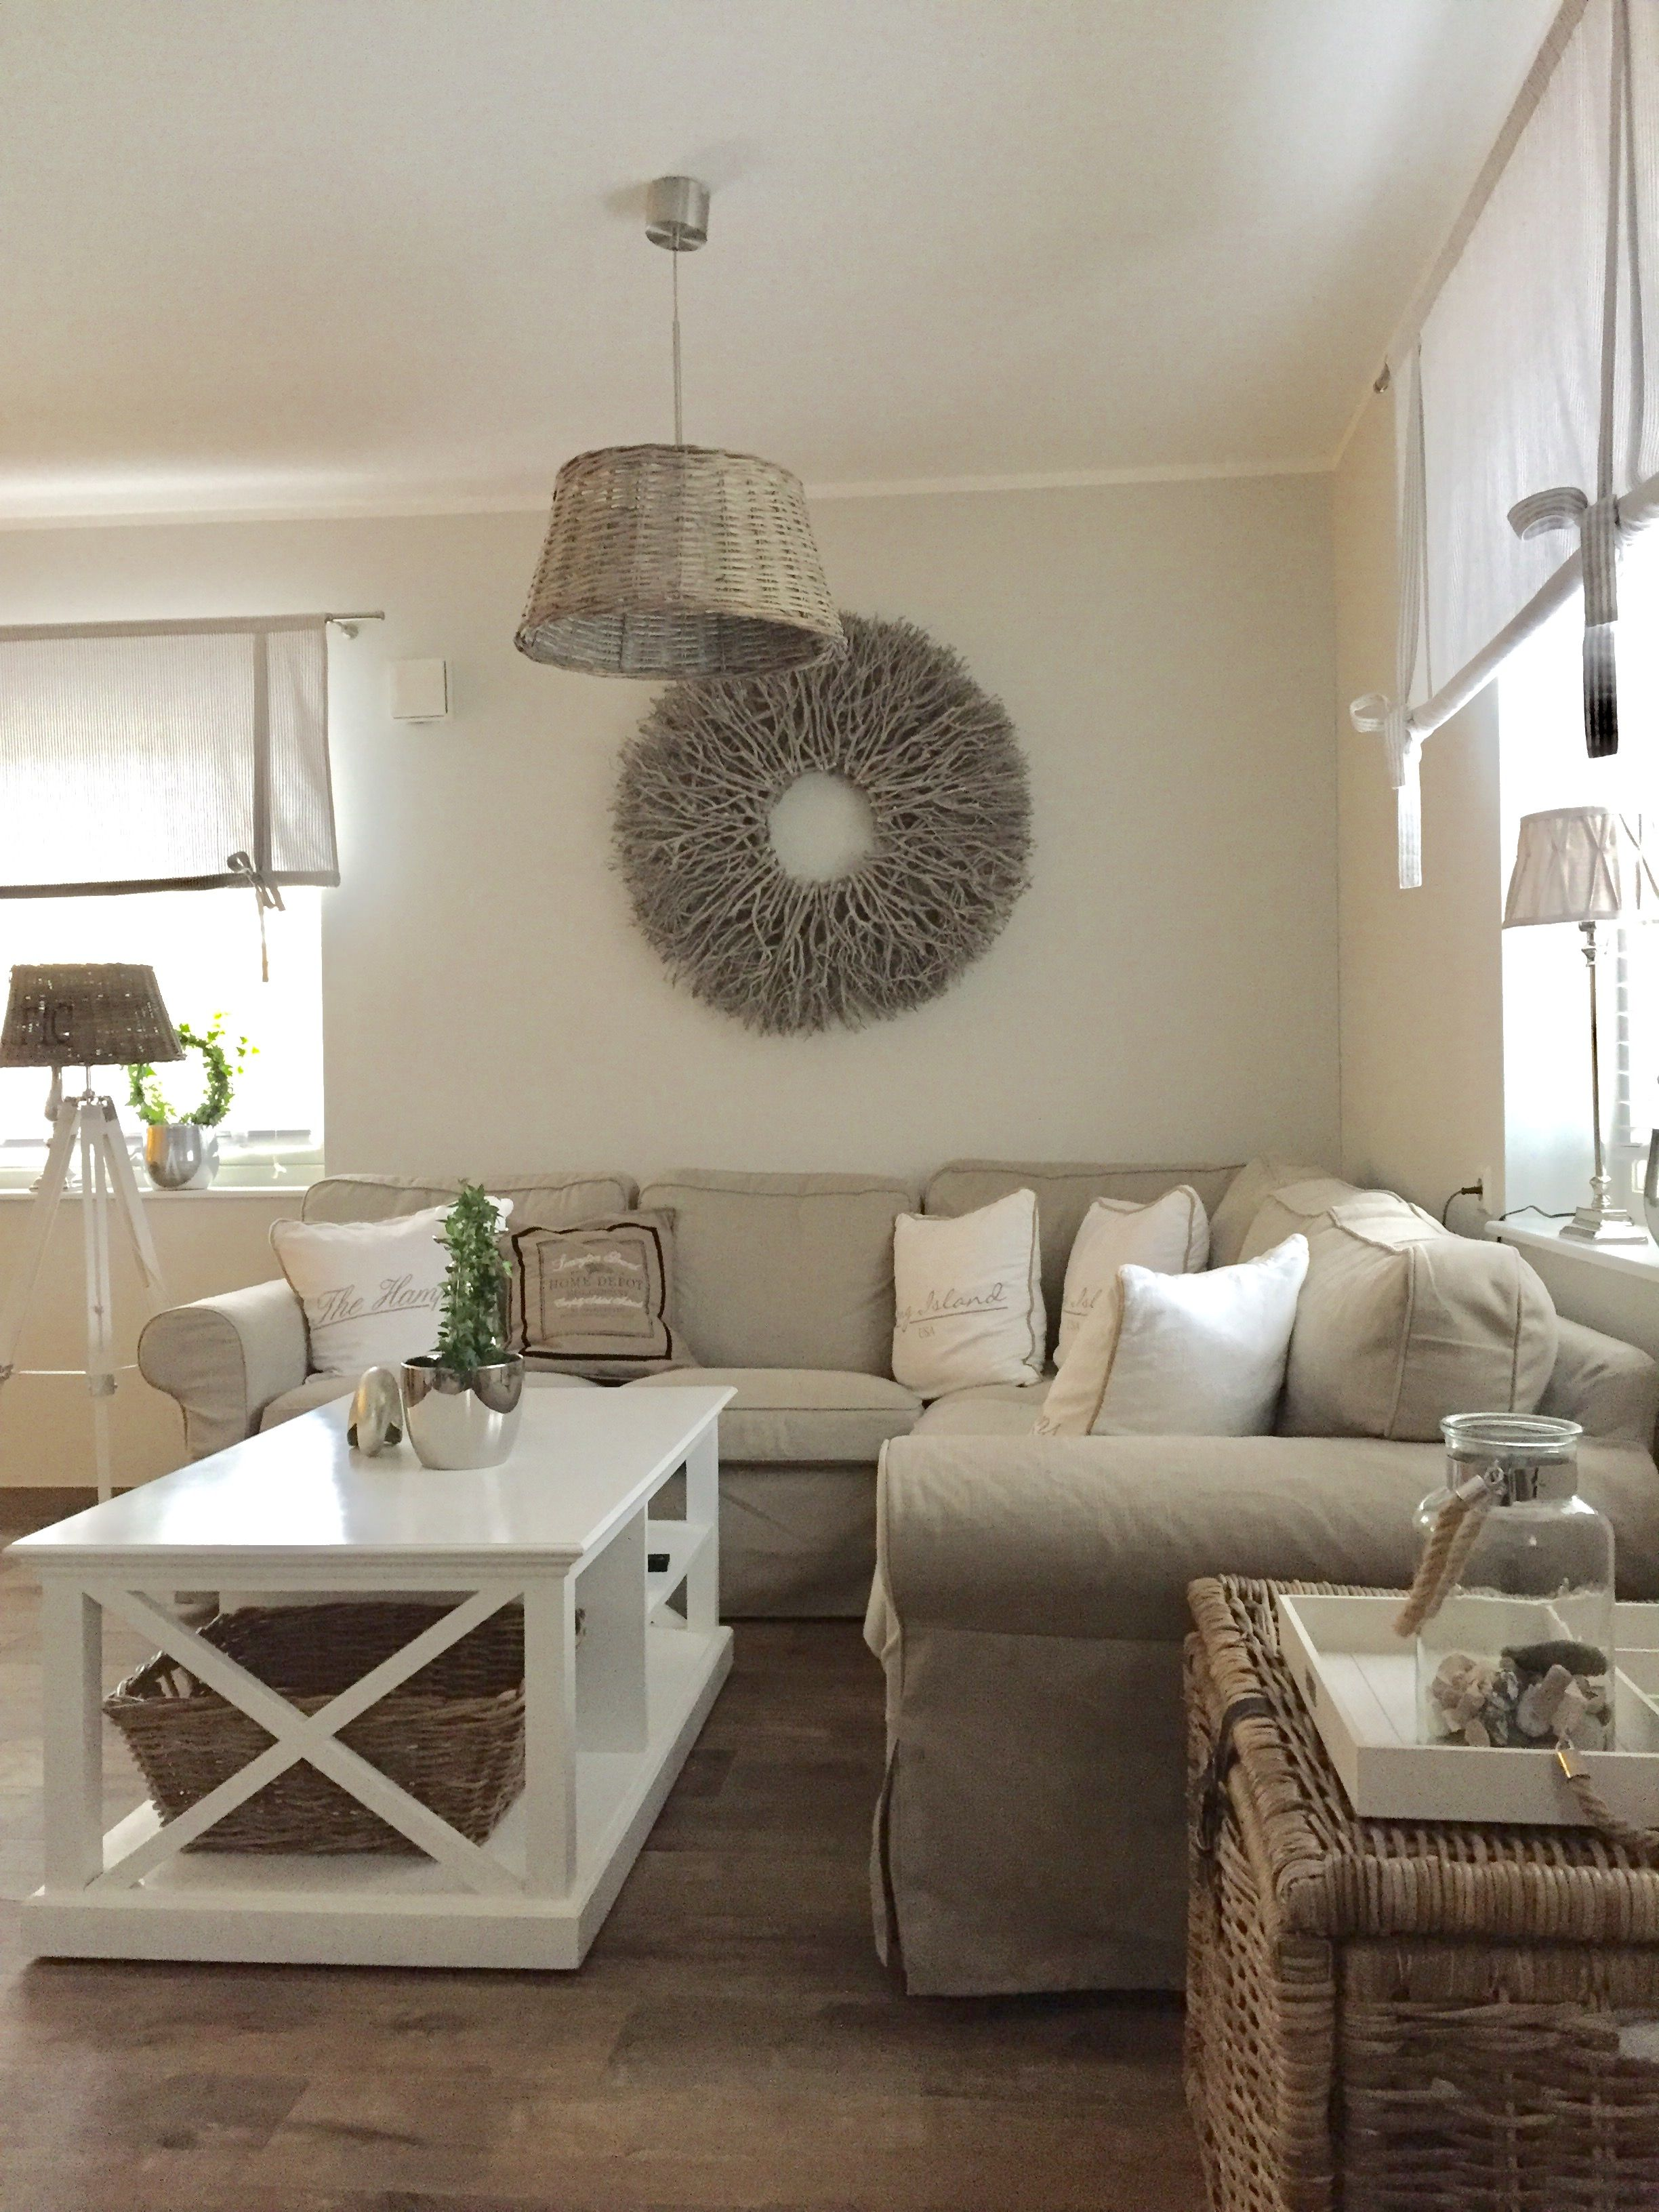 Unser Wohnzimmer XXXL Kranz Halifax Novasolo Coffeetable New England Stil  House Www.ambienteathome.de